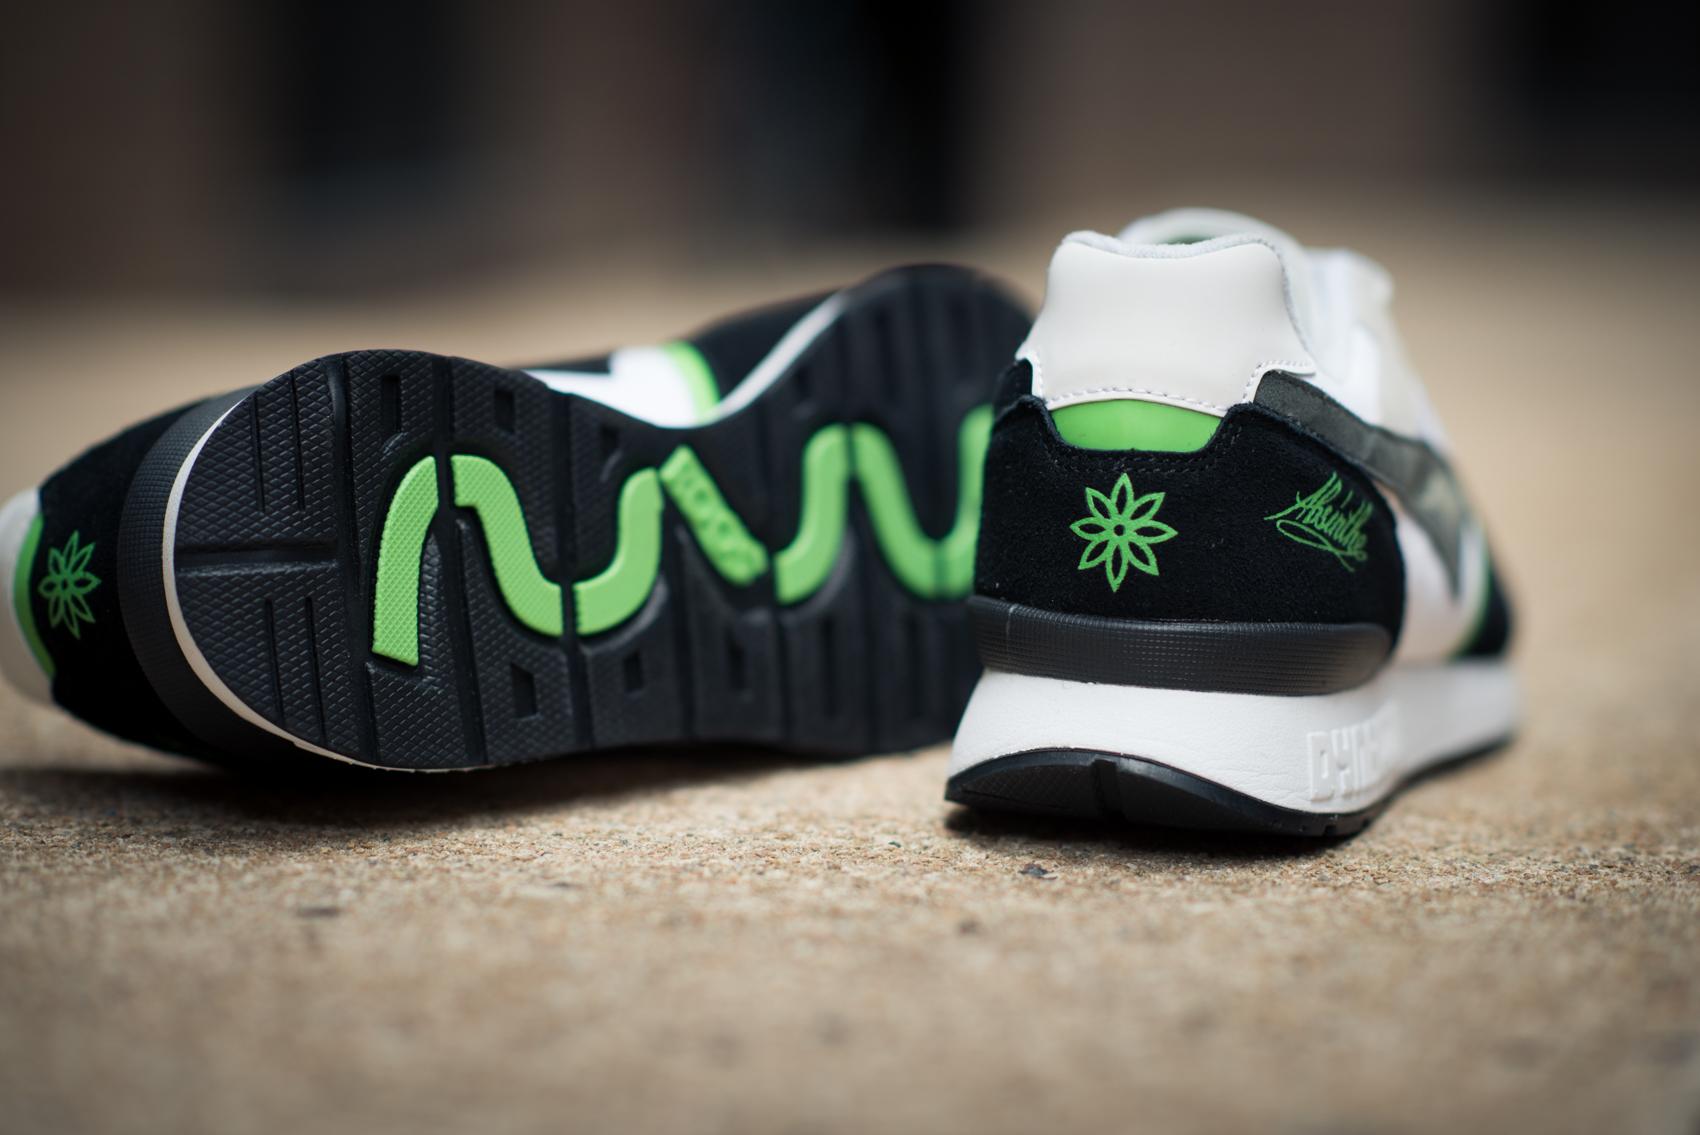 Kangaroos X Sneakers Absinthe5